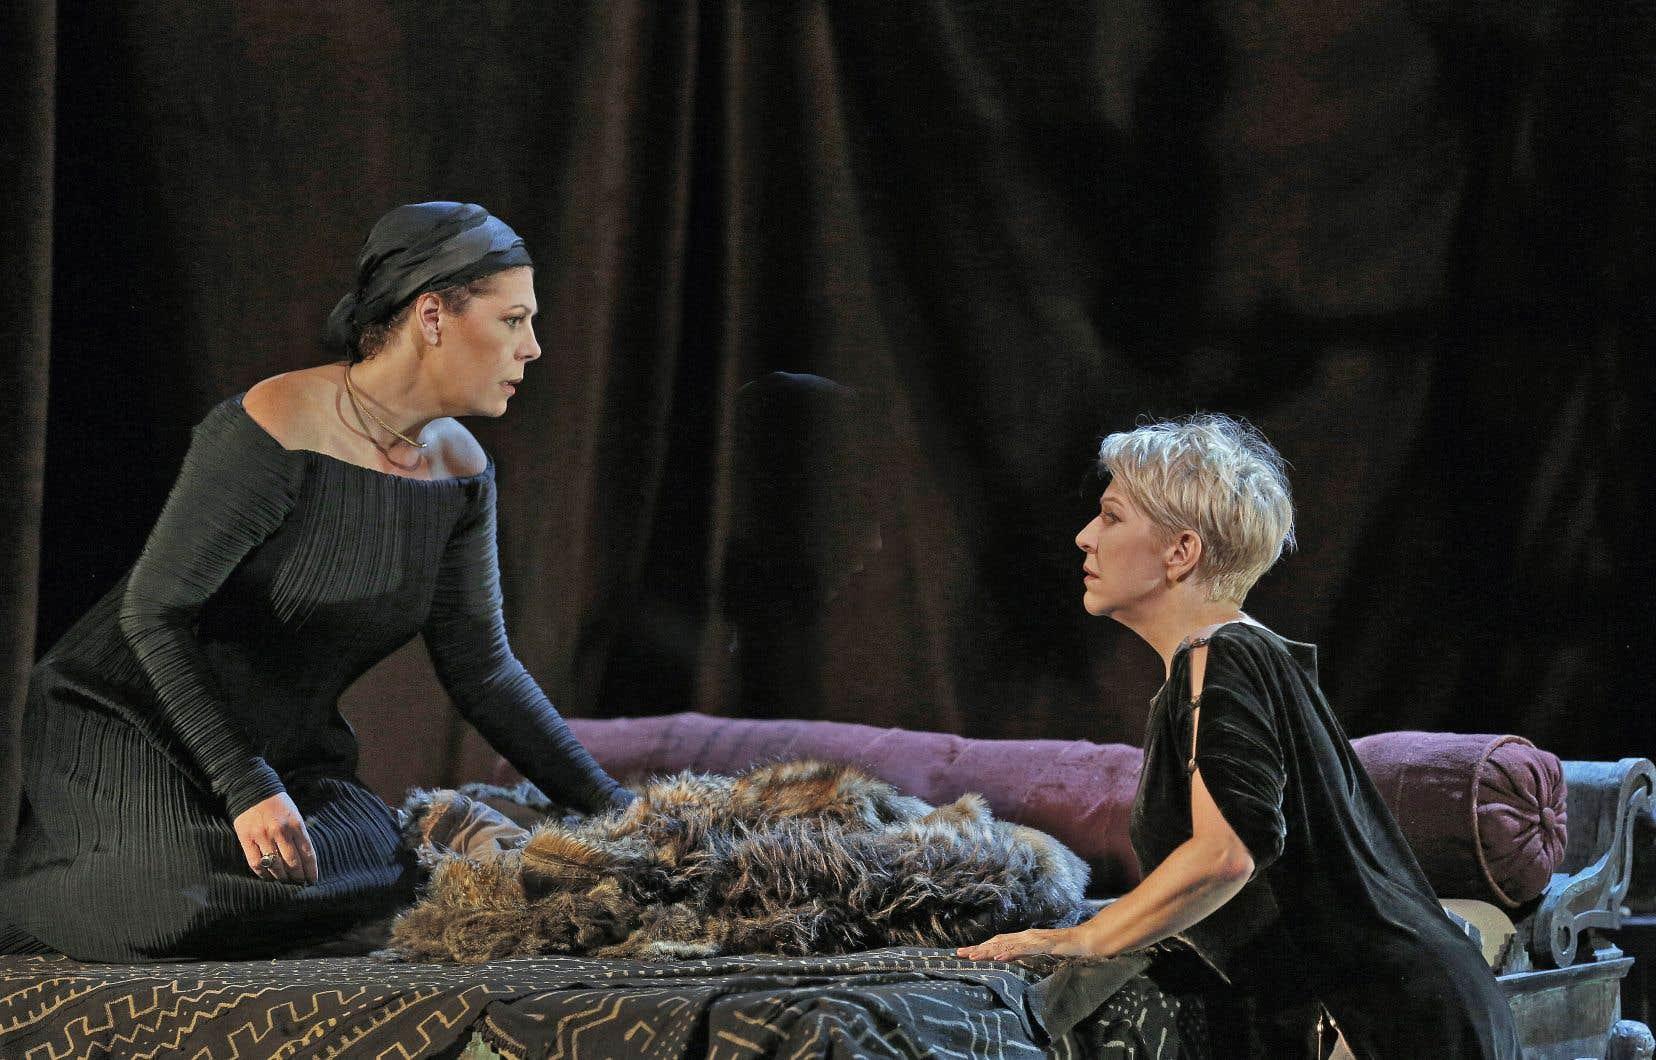 Sondra Radvanovsky (Norma, à gauche) est à son meilleur dans les scènes intimistes avec Joyce DiDonato (Adalgisa).